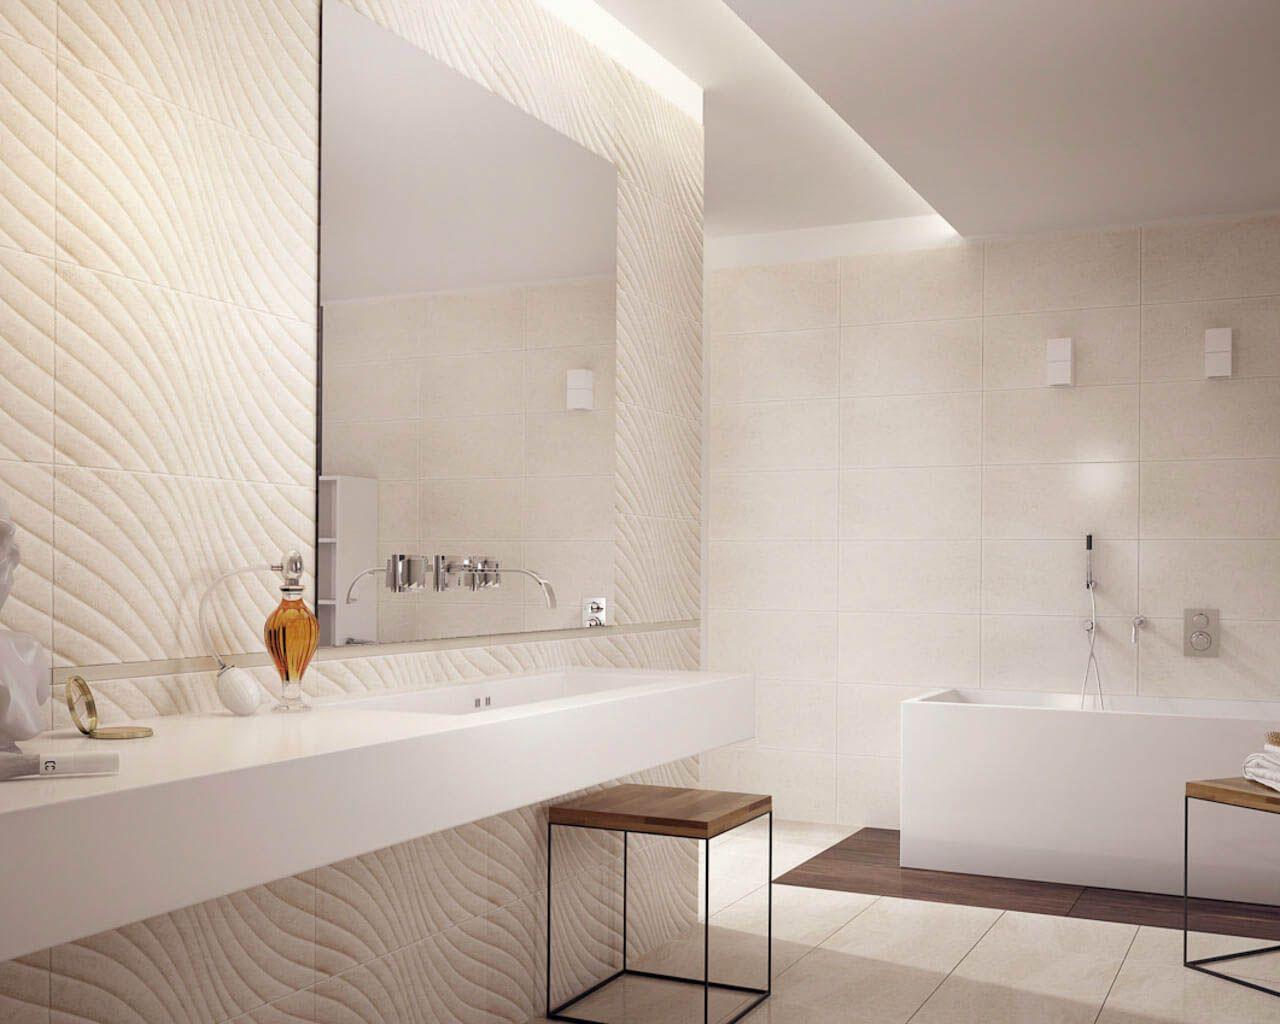 Classic Bathroom With A Bathtub In A Modern Version